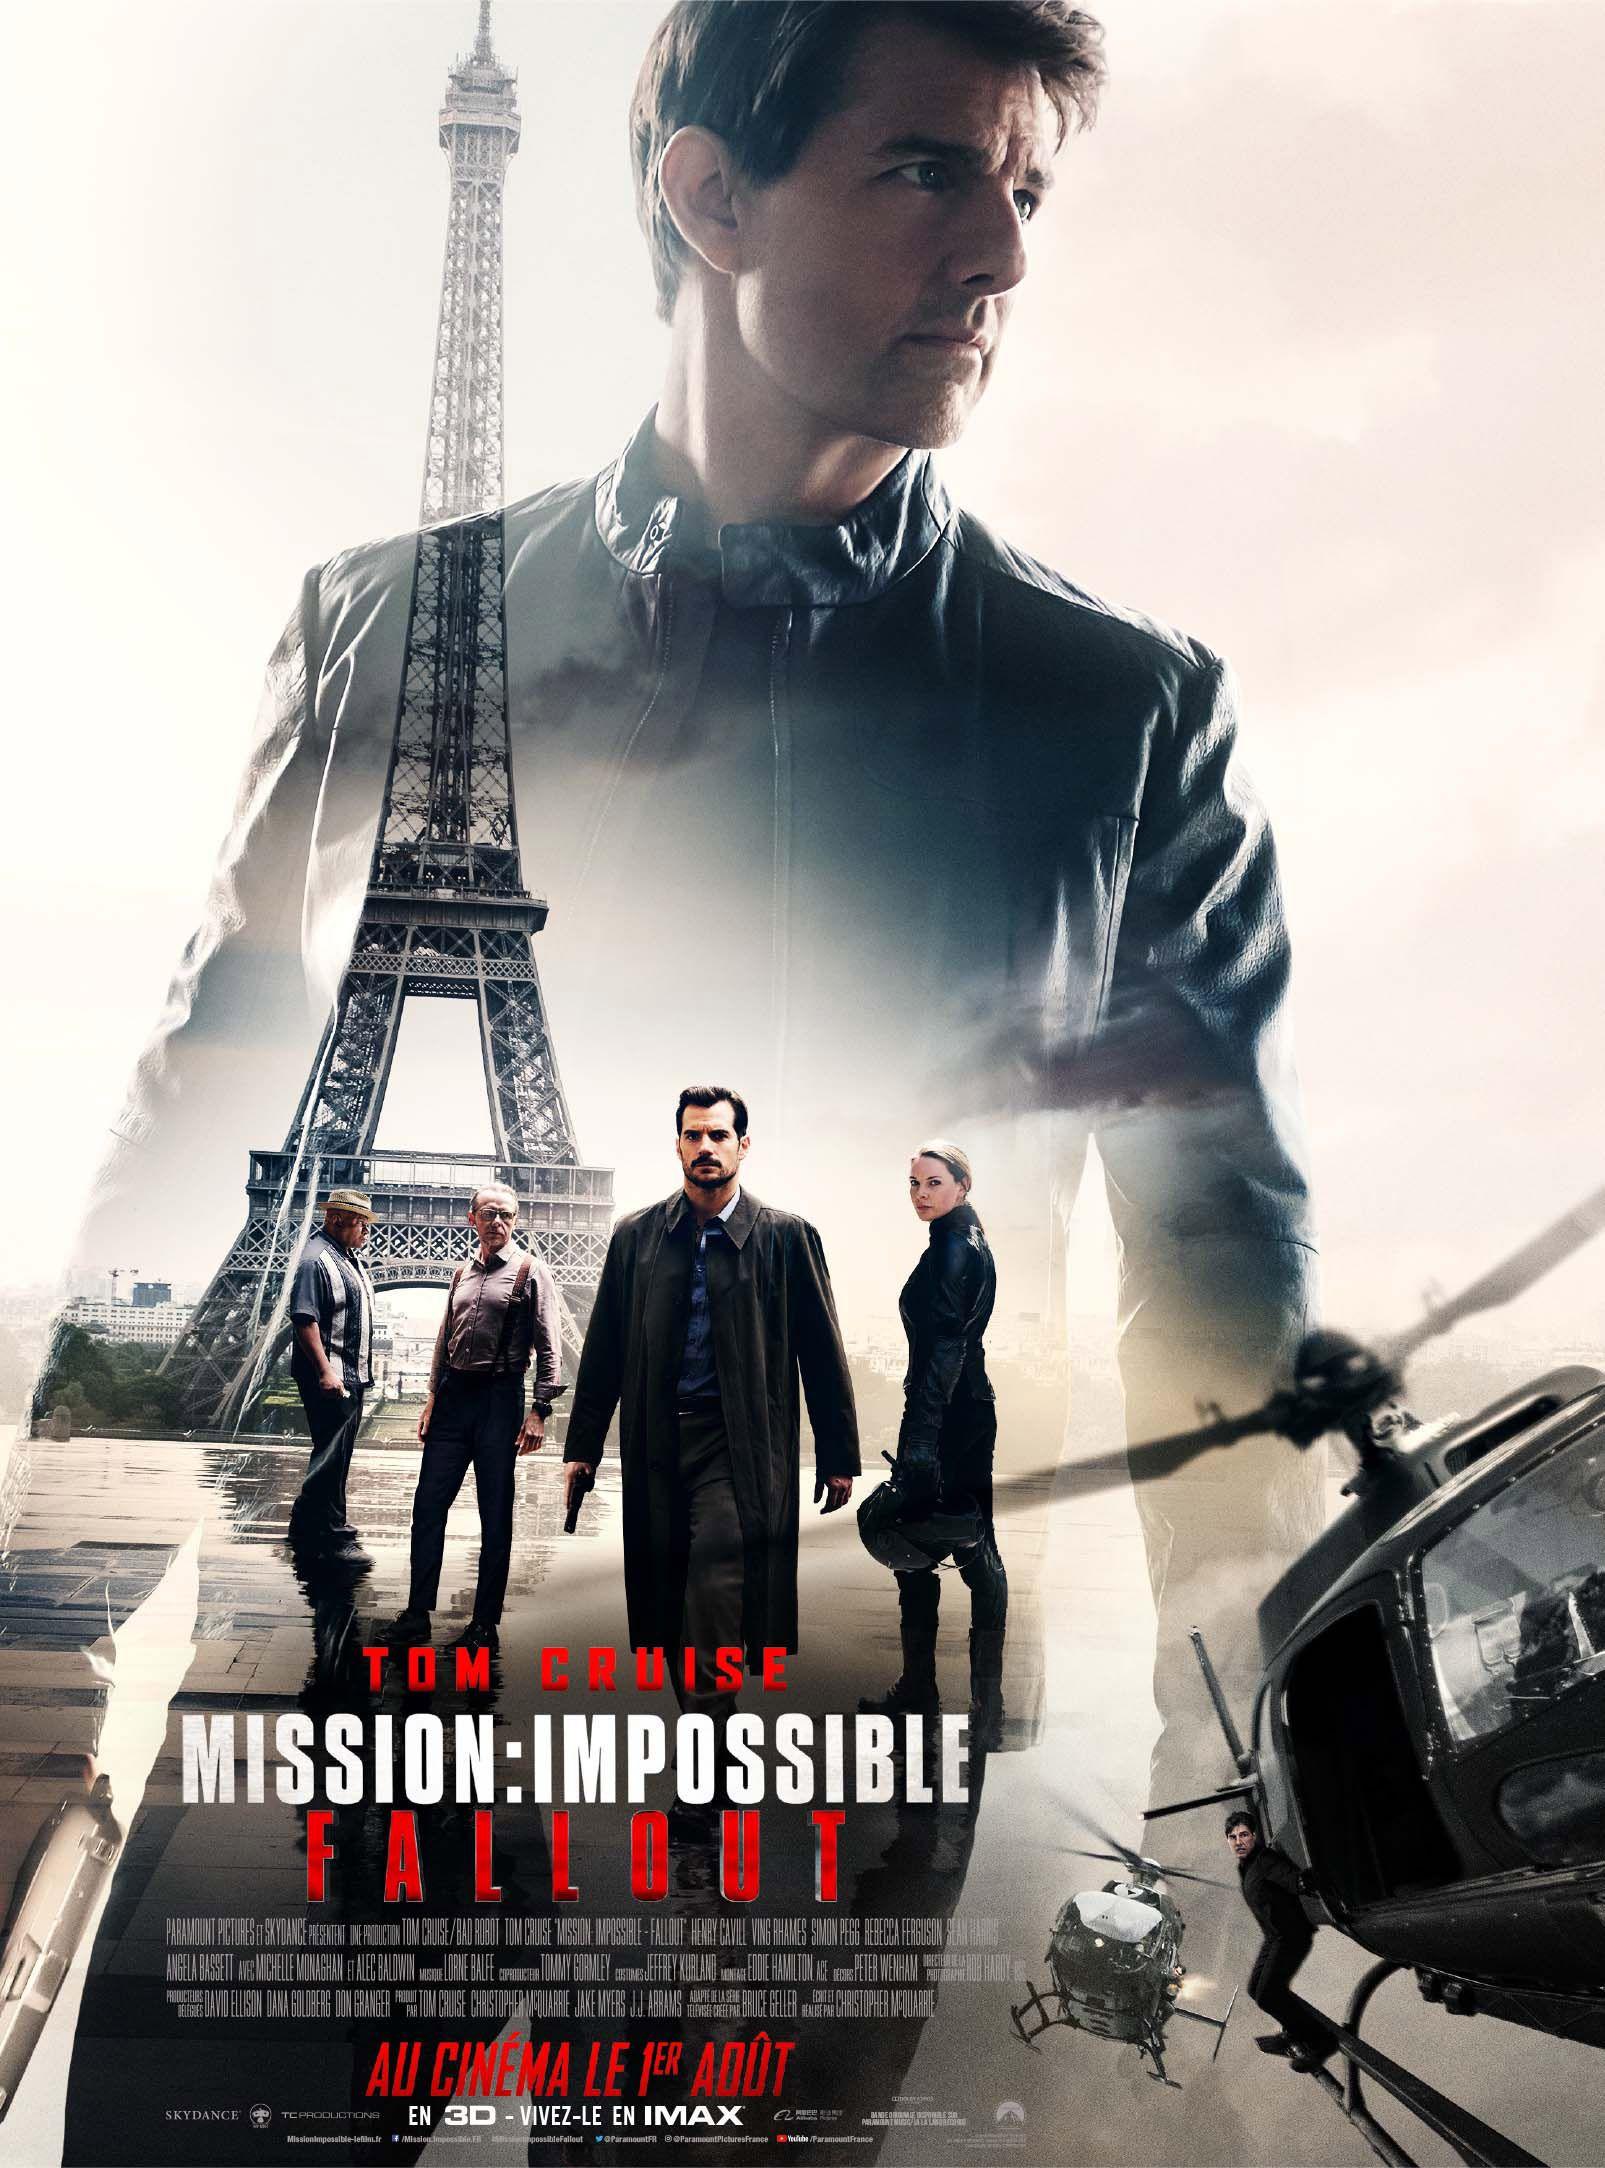 Critique : Mission: Impossible - Fallout